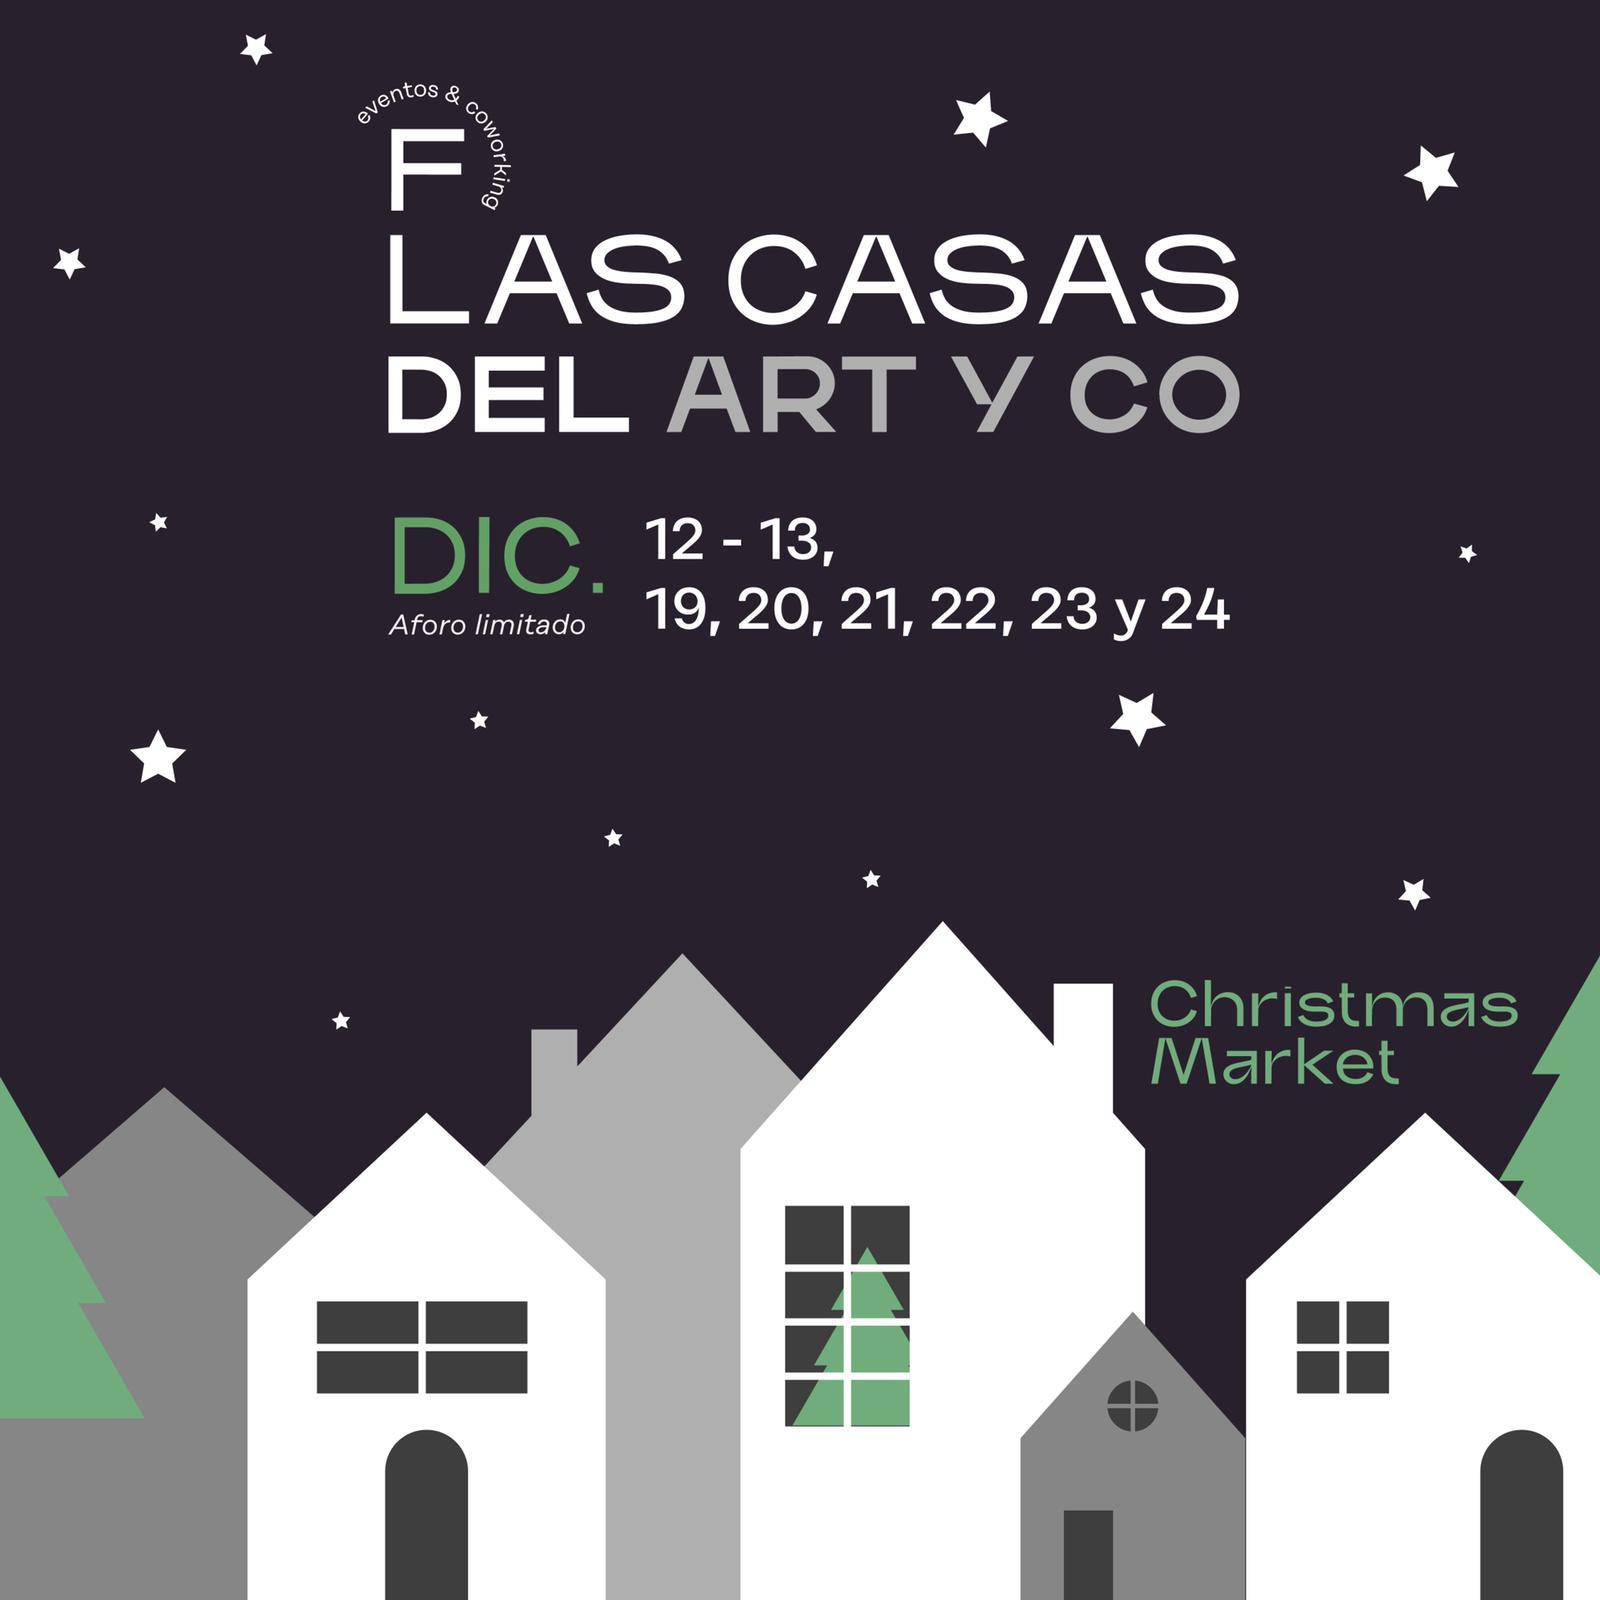 """Artistas gallegos en el market navideño """"Las Casas del Ártyco"""""""